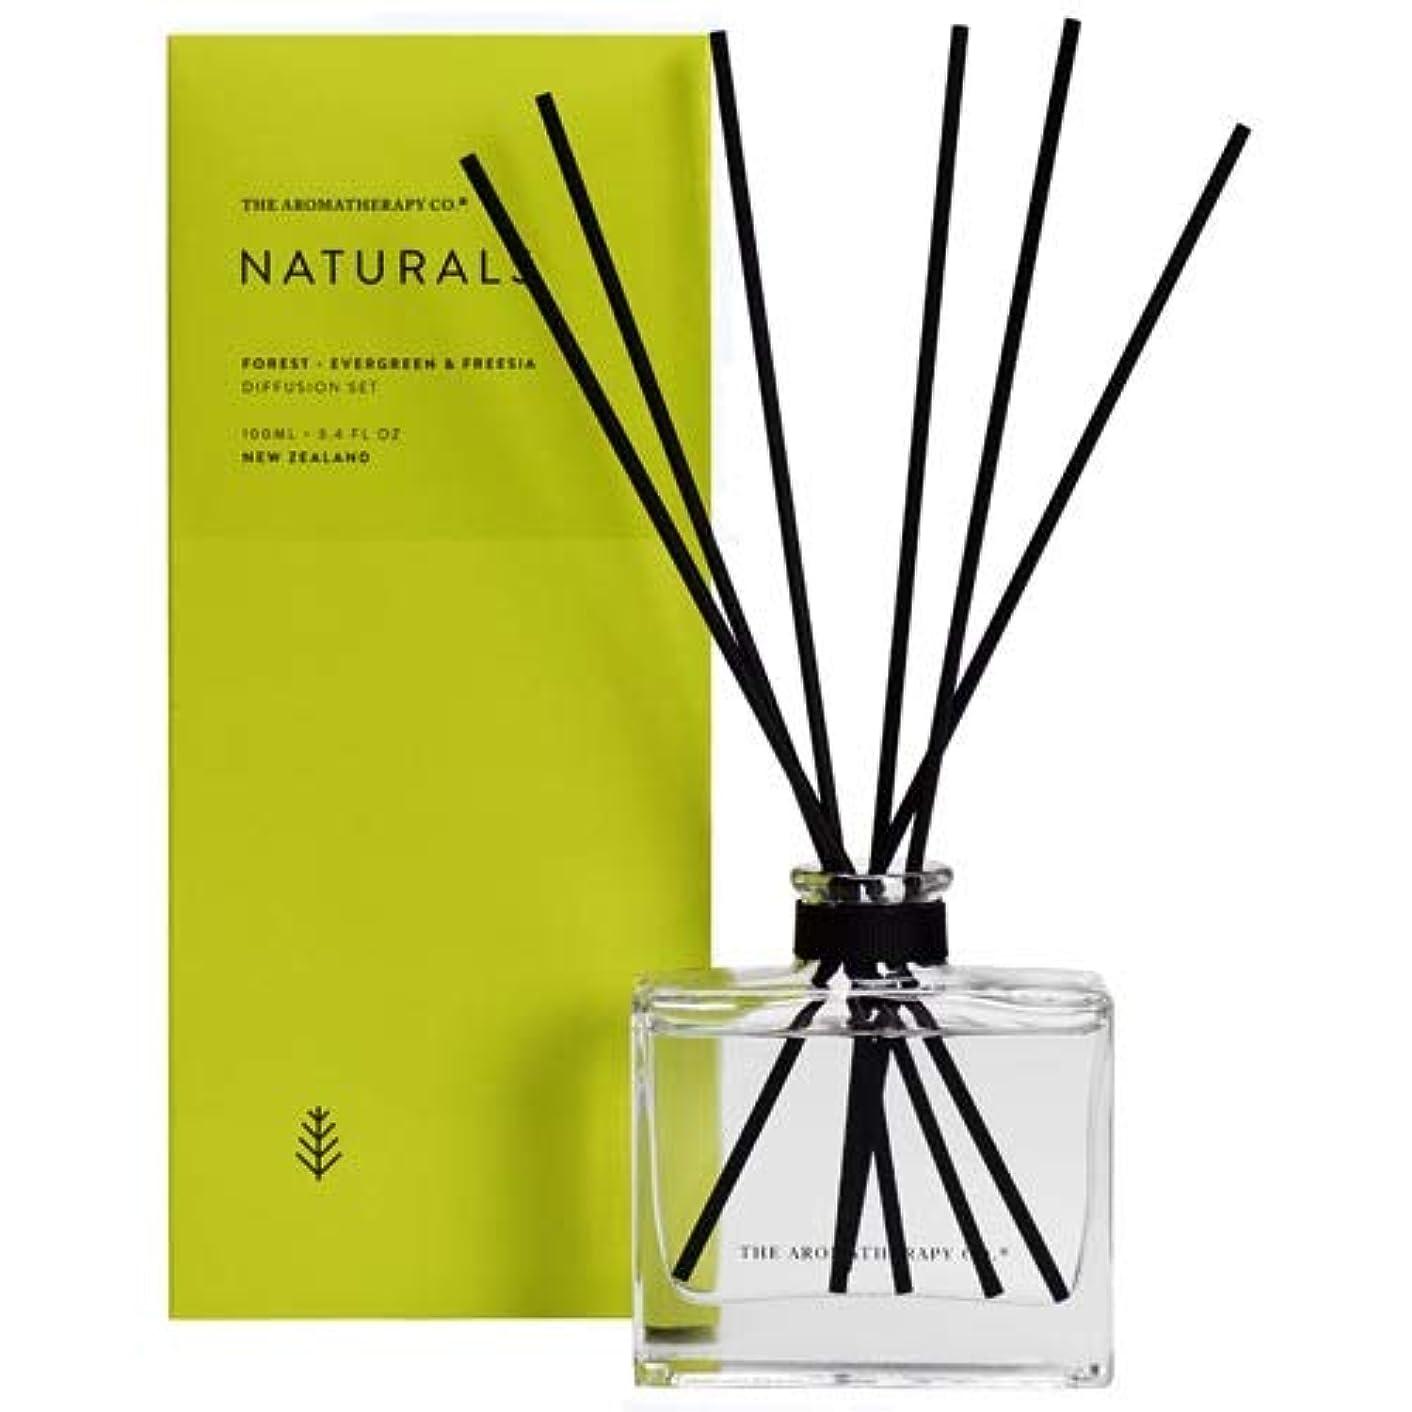 トイレ少数流暢アロマセラピーカンパニー(Aromatherapy Company) new NATURALS ナチュラルズ Diffusion Stick ディフュージョンスティック Forest フォレスト(森林) Evergreen...